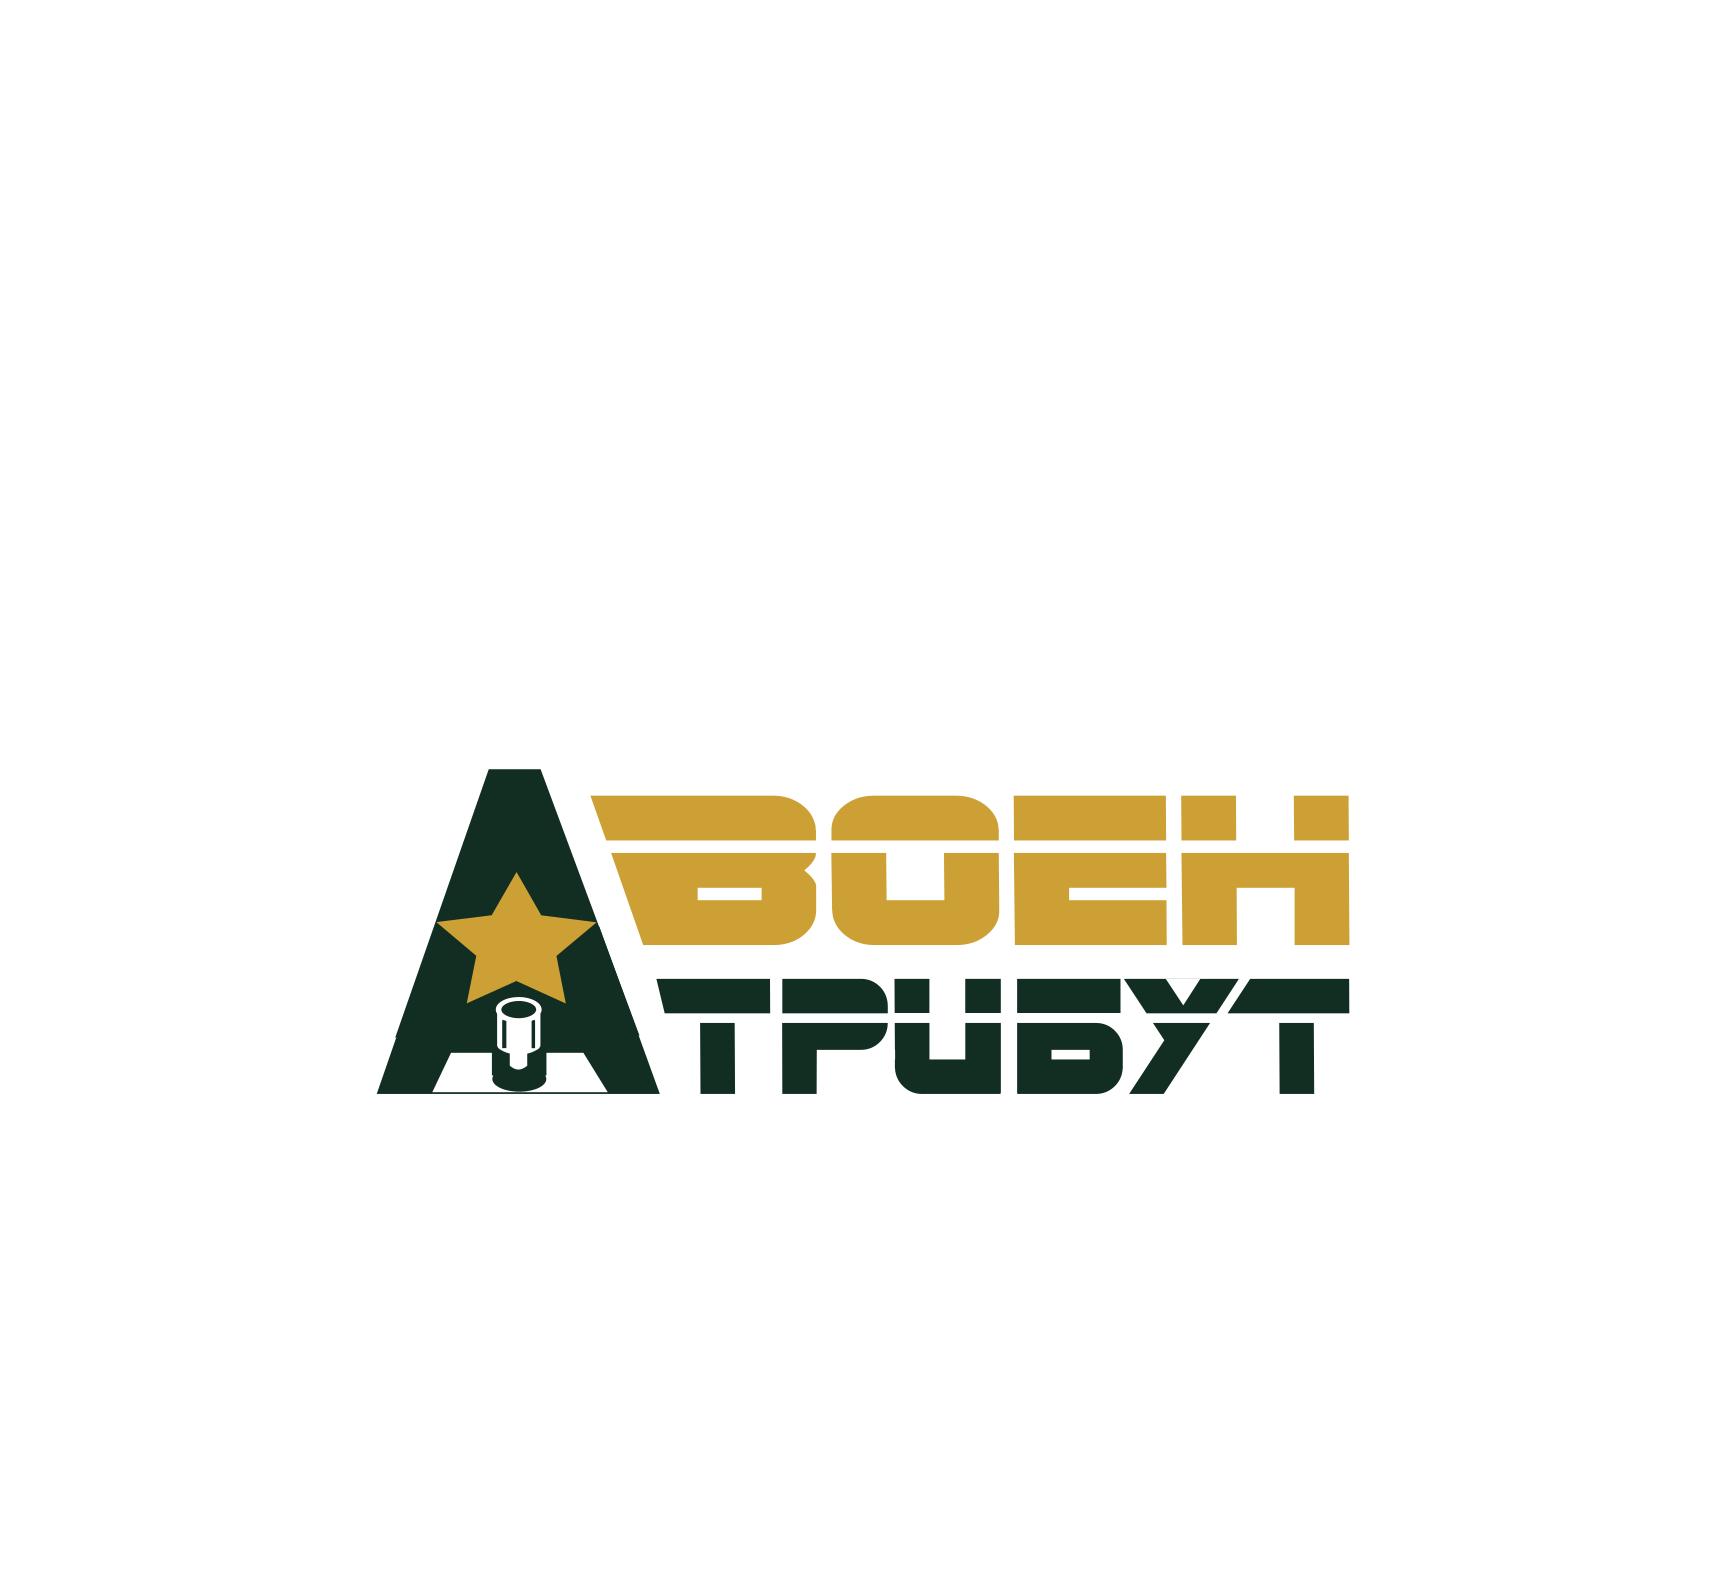 Разработка логотипа для компании военной тематики фото f_954602187c67fc2b.png